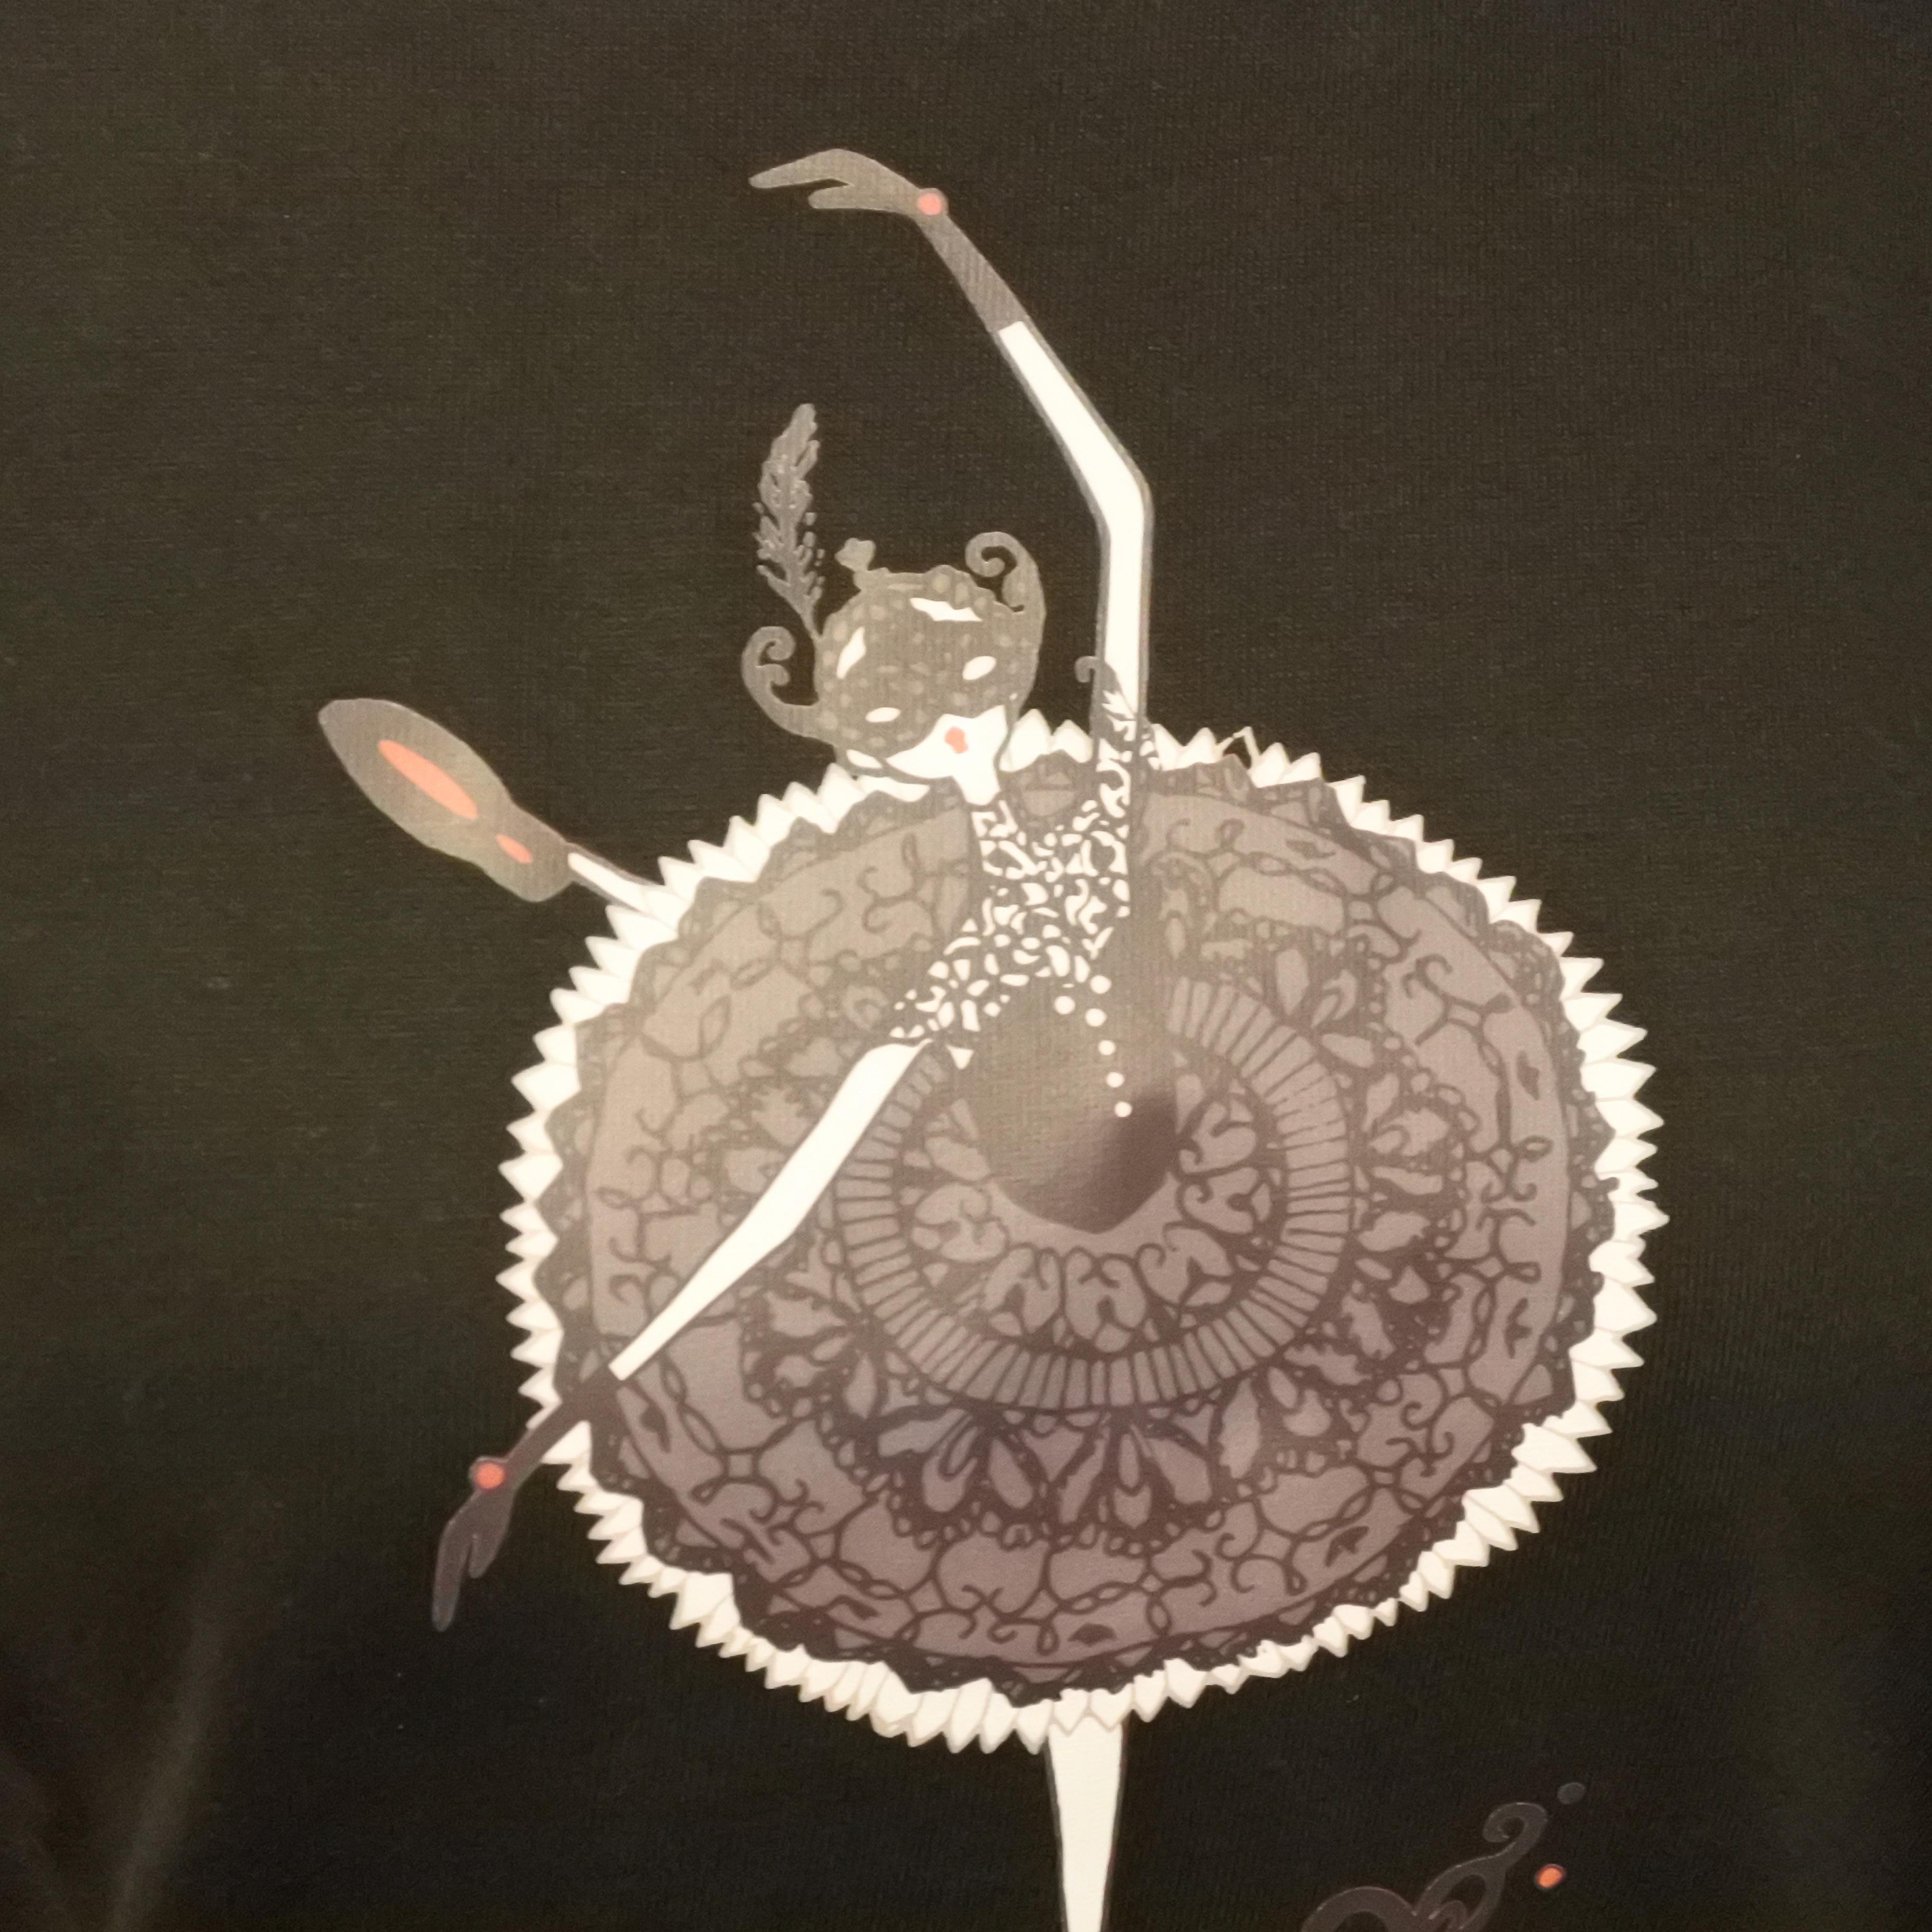 サタネラTシャツ(レディース) - 画像2